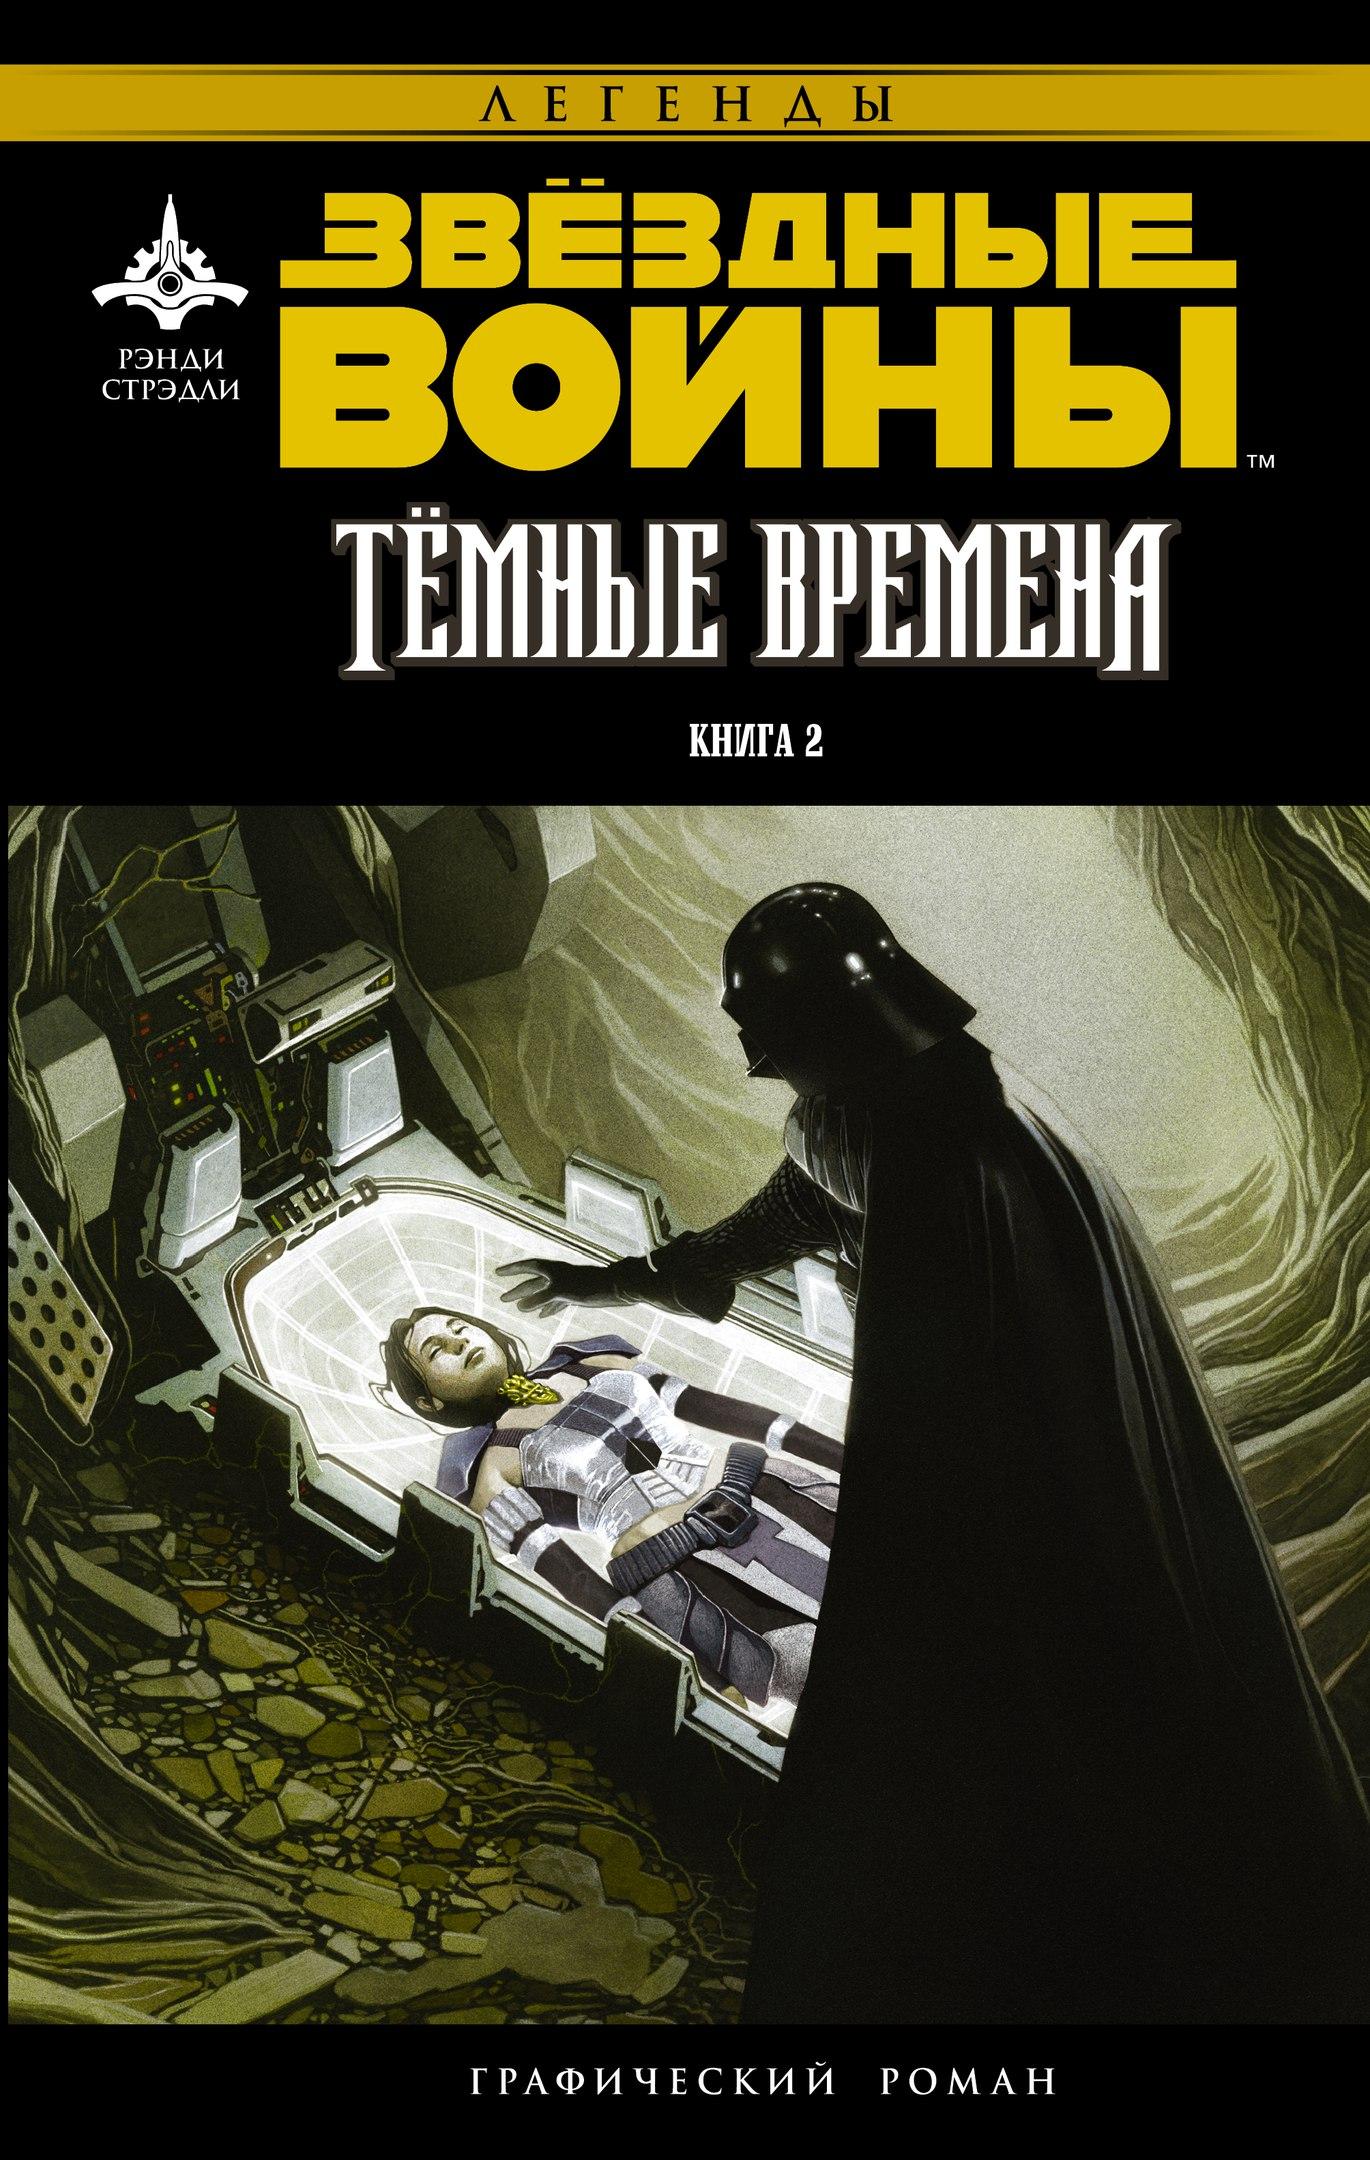 Звёздные войны - Тёмные времена - Книга 2